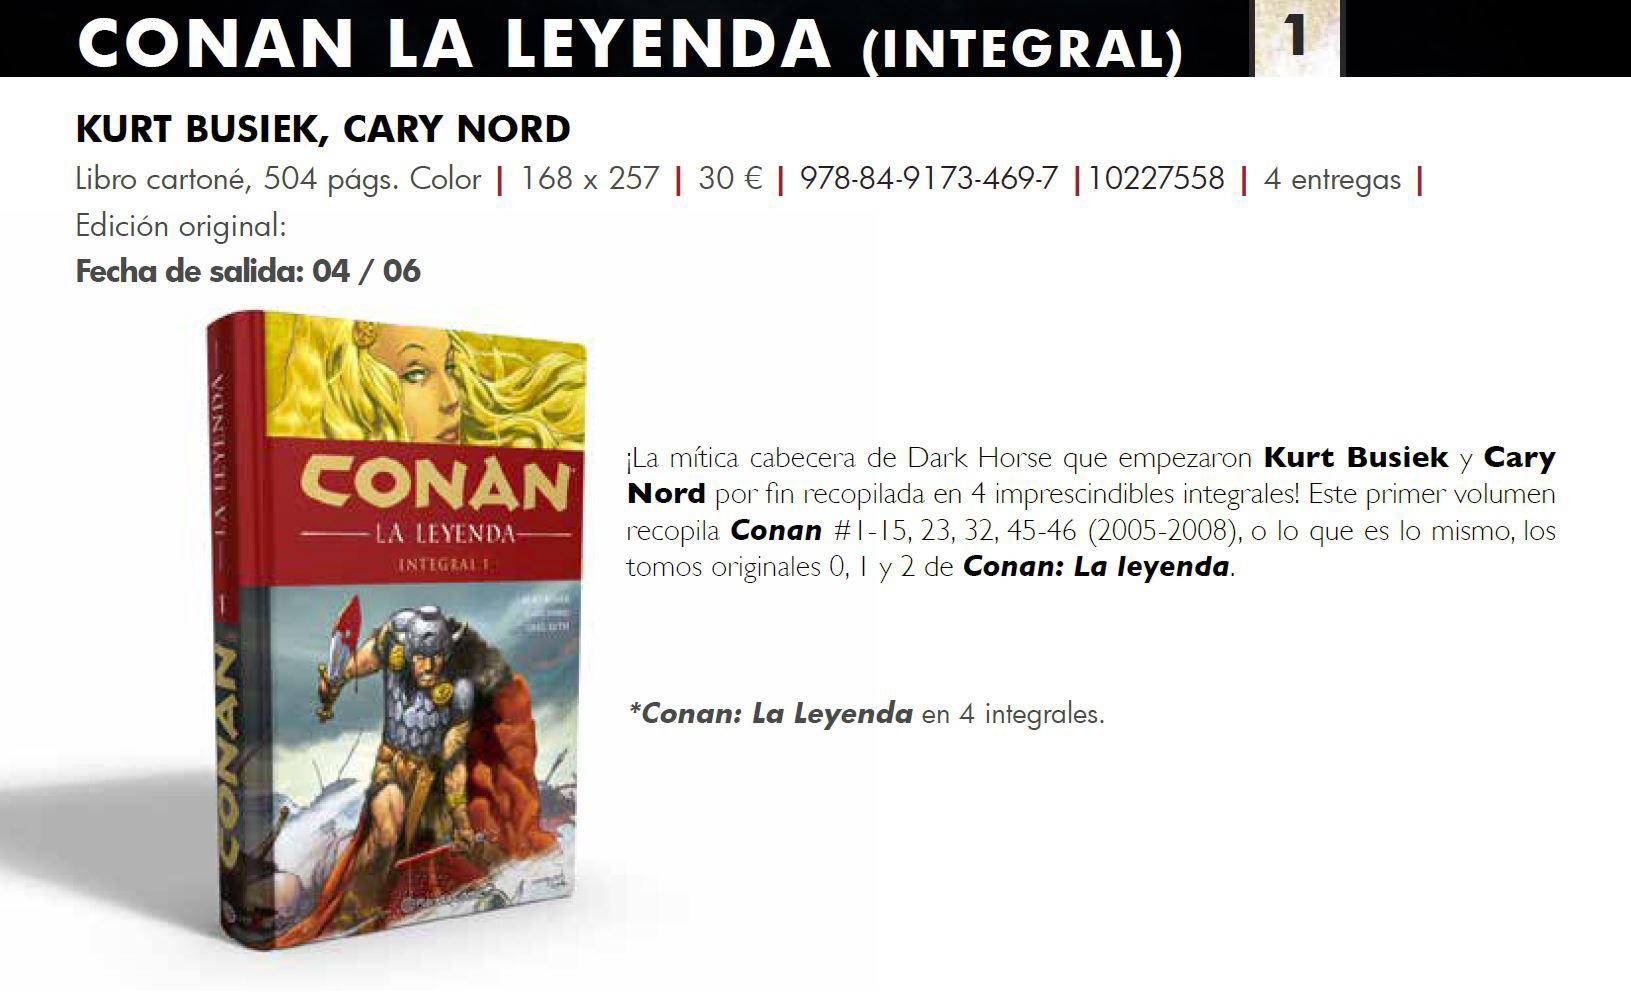 Conan: La leyenda (integral)